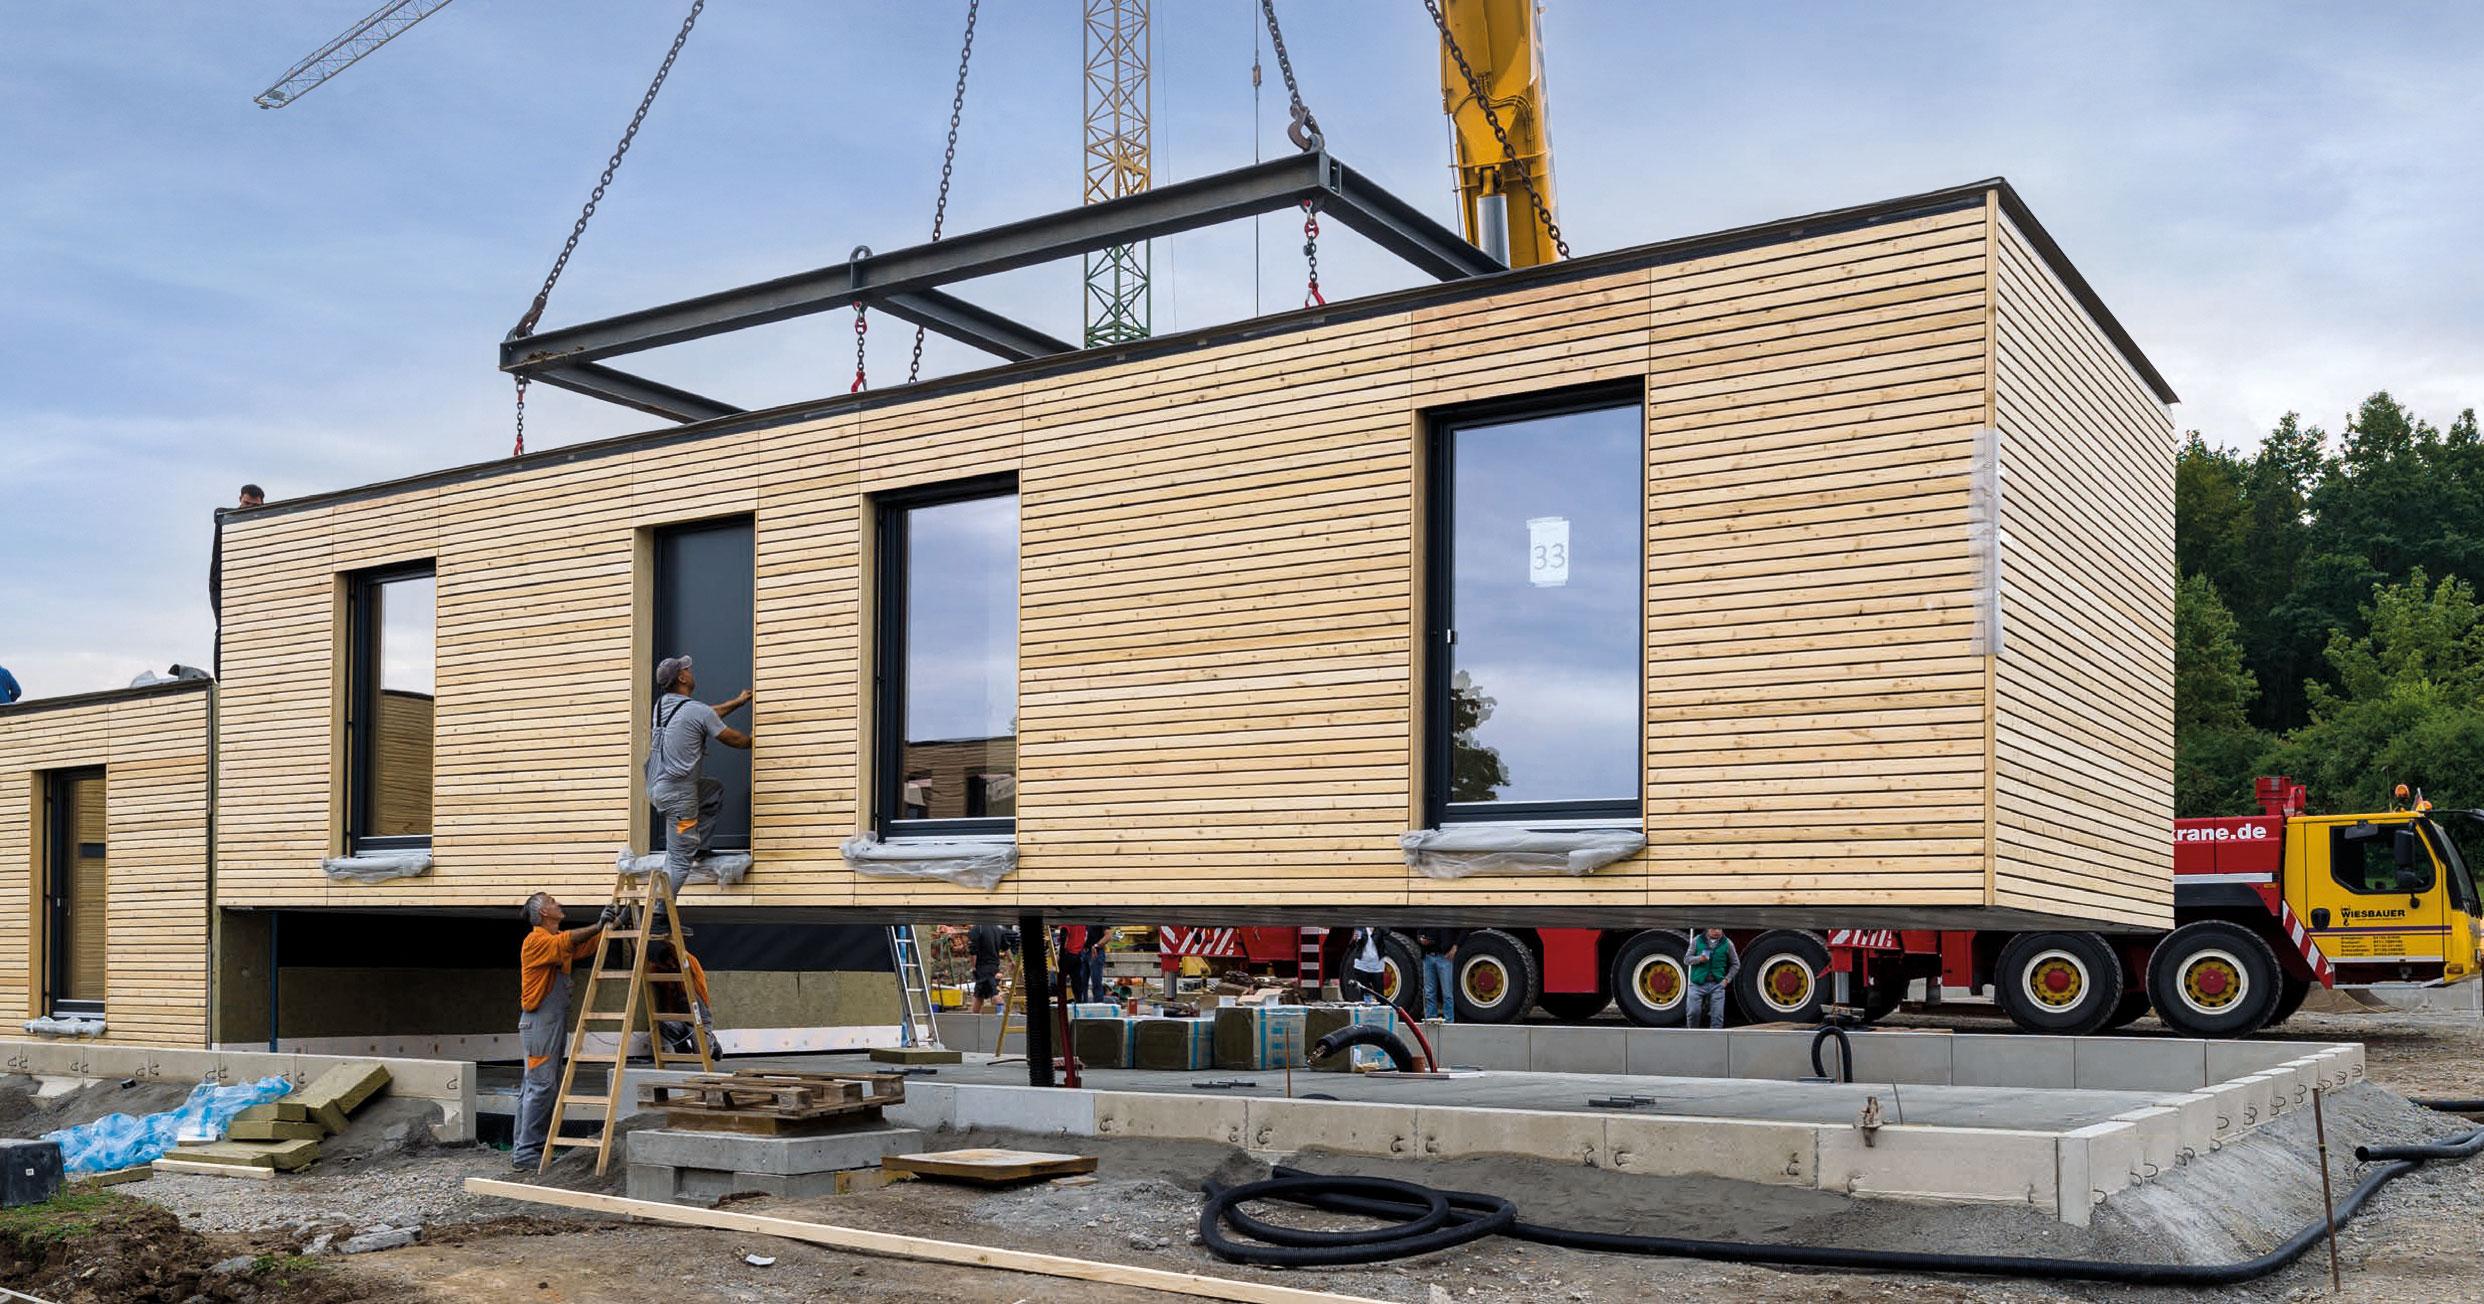 Eine Wohneinheit wird im Baukastensystem aufgebaut | © Zooey Braun